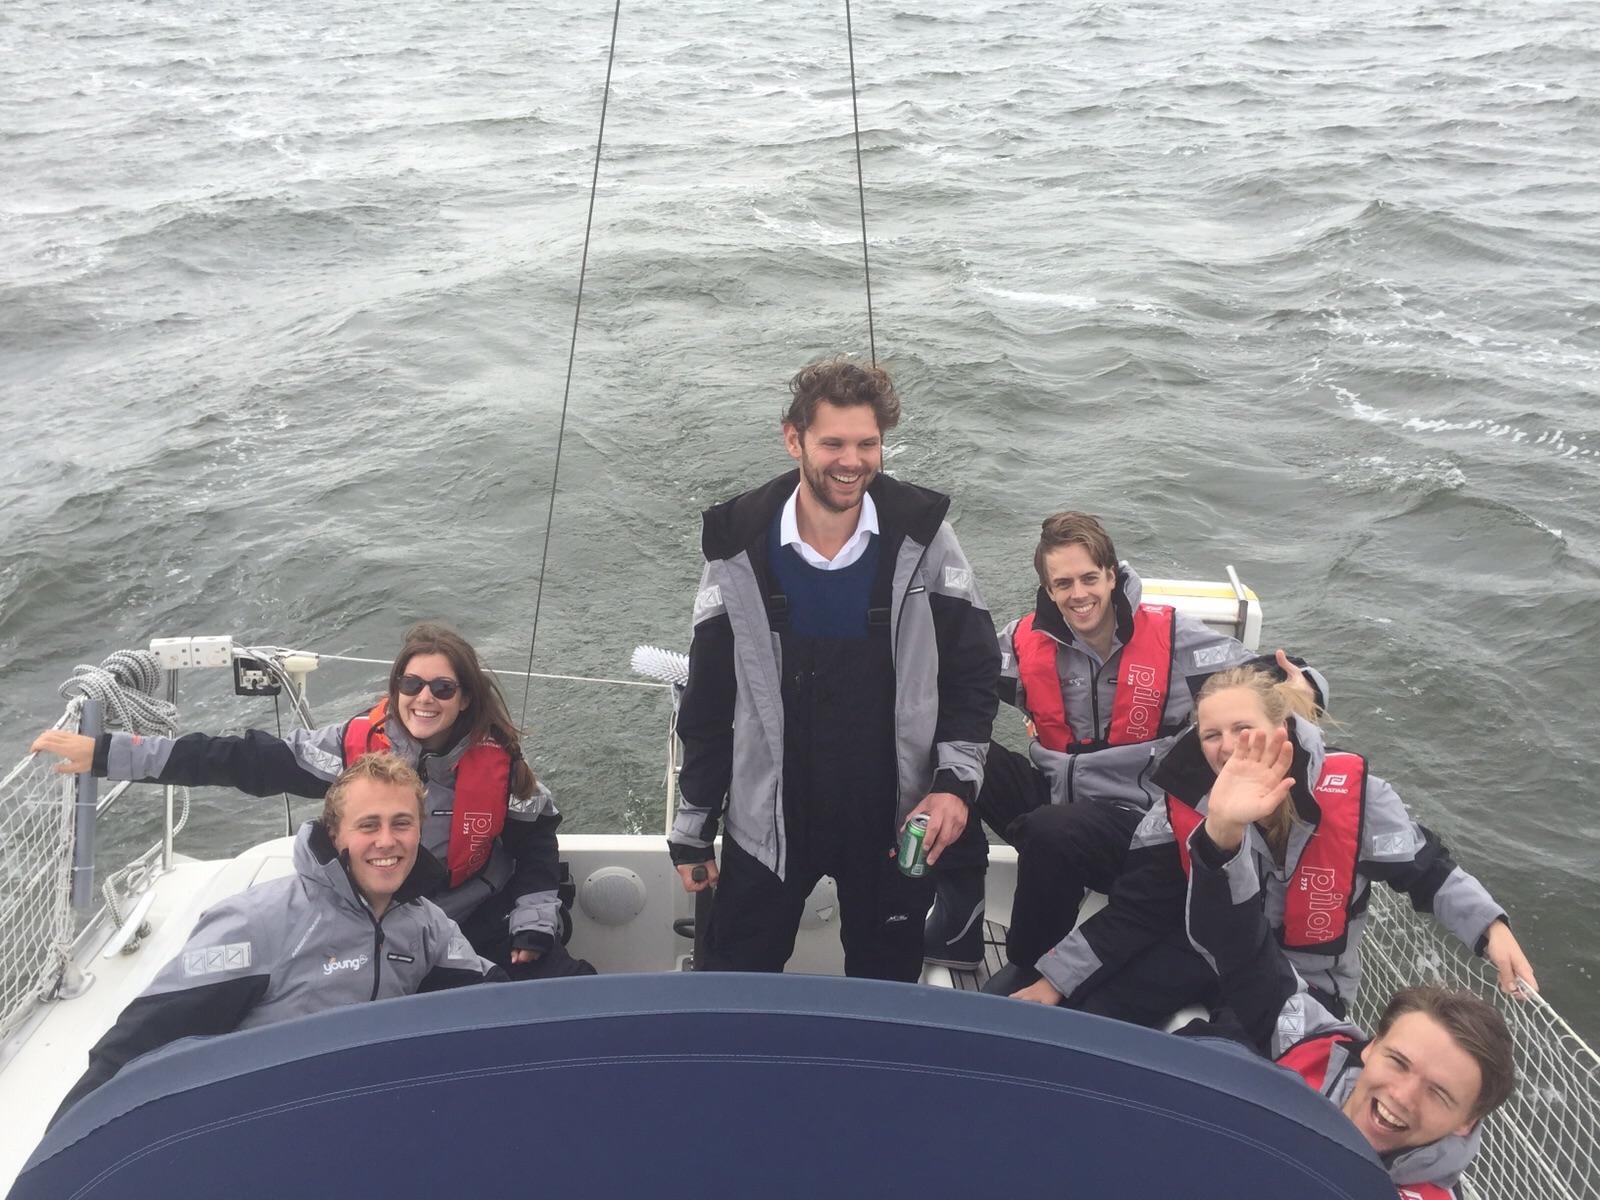 ROTC 2015 zeilboot pre race